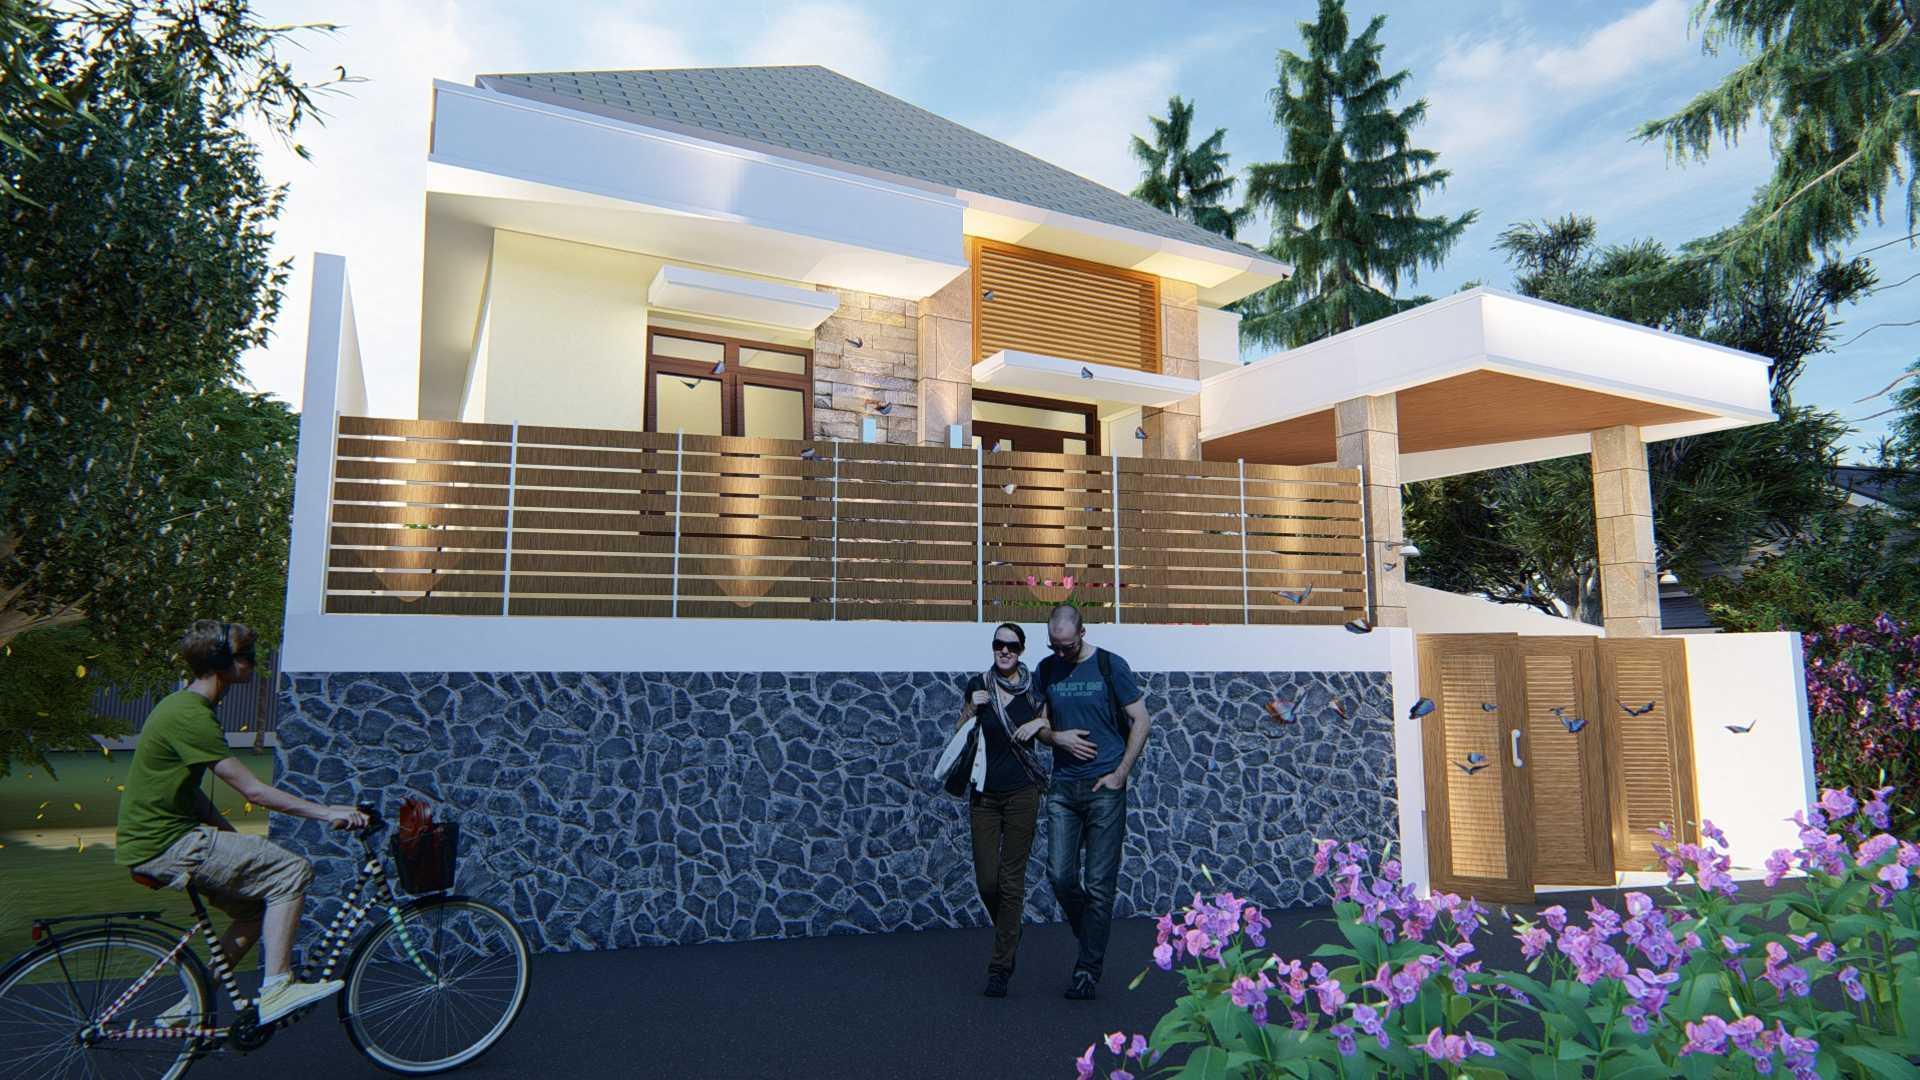 Suba-Arch Renovasi Rumah Modern Tropis Sukabumi Kec. Cicurug, Sukabumi Regency, Jawa Barat, Indonesia Kec. Cicurug, Sukabumi Regency, Jawa Barat, Indonesia Suba-Arch-Renovasi-Rumah-Modern-Tropis  81274